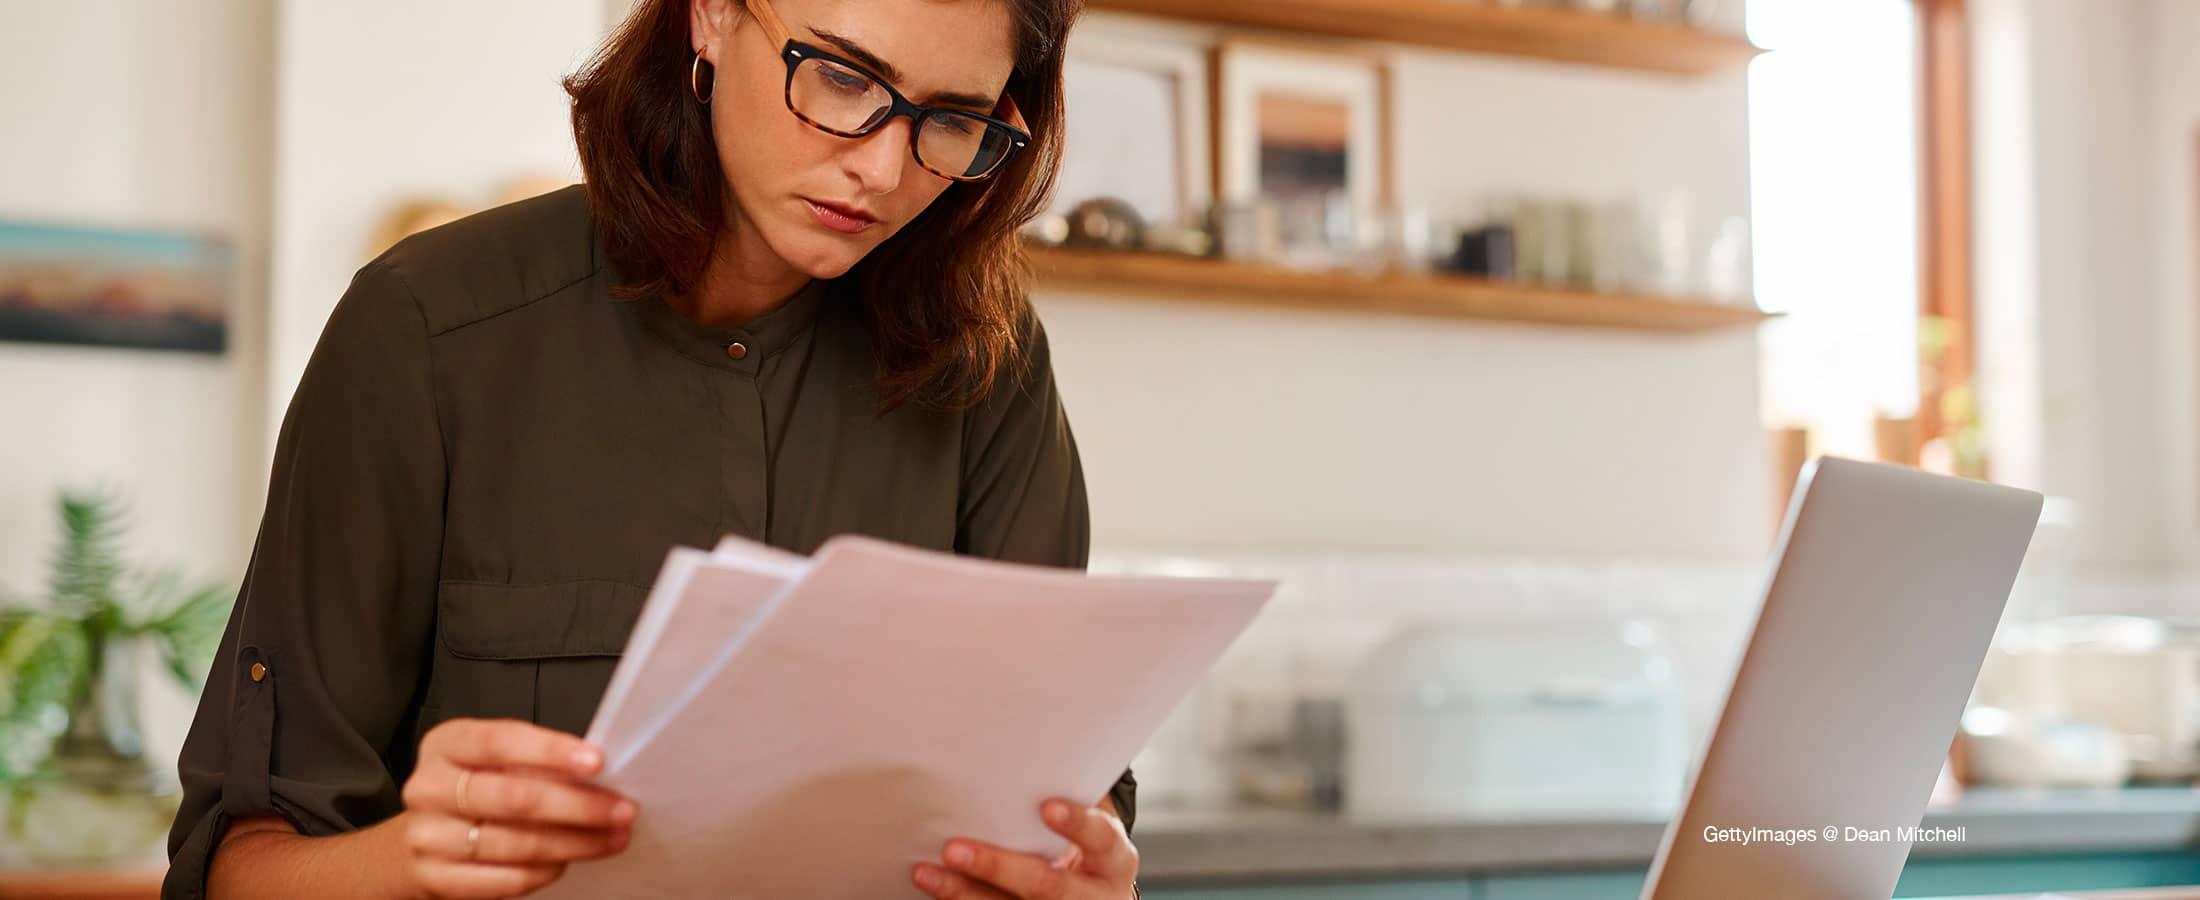 L'examen de conformité fiscale, un moyen de limiter les risques fiscaux